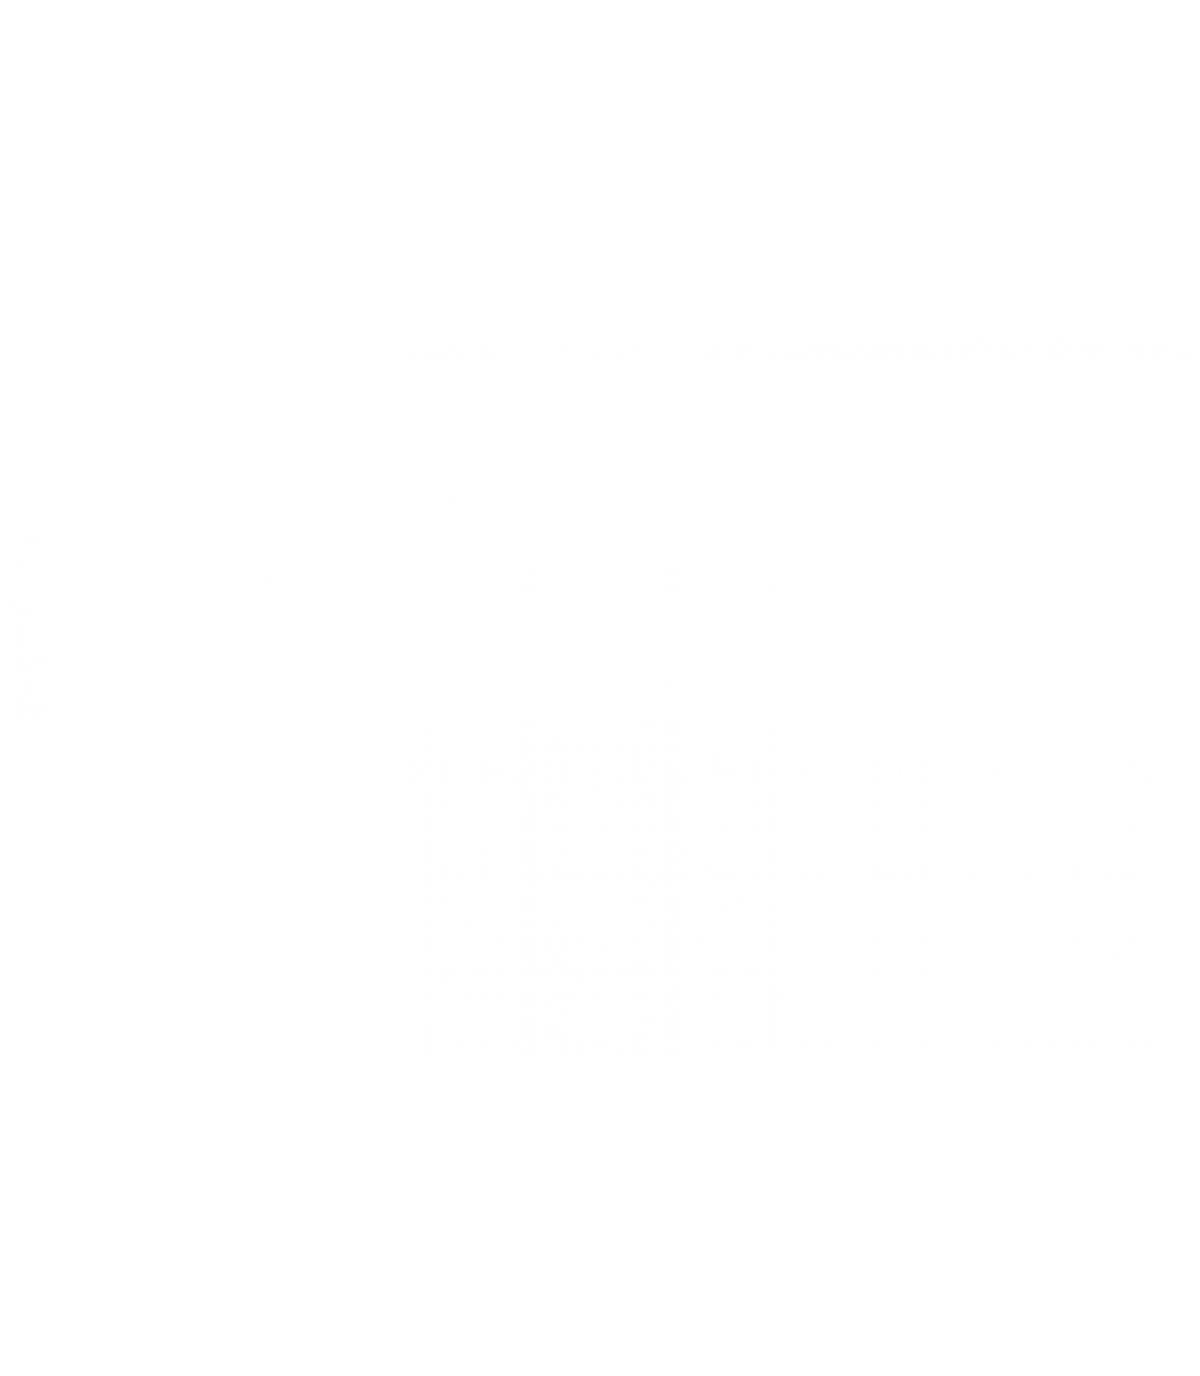 Détails Beret classique bleu crepuscule - image 4